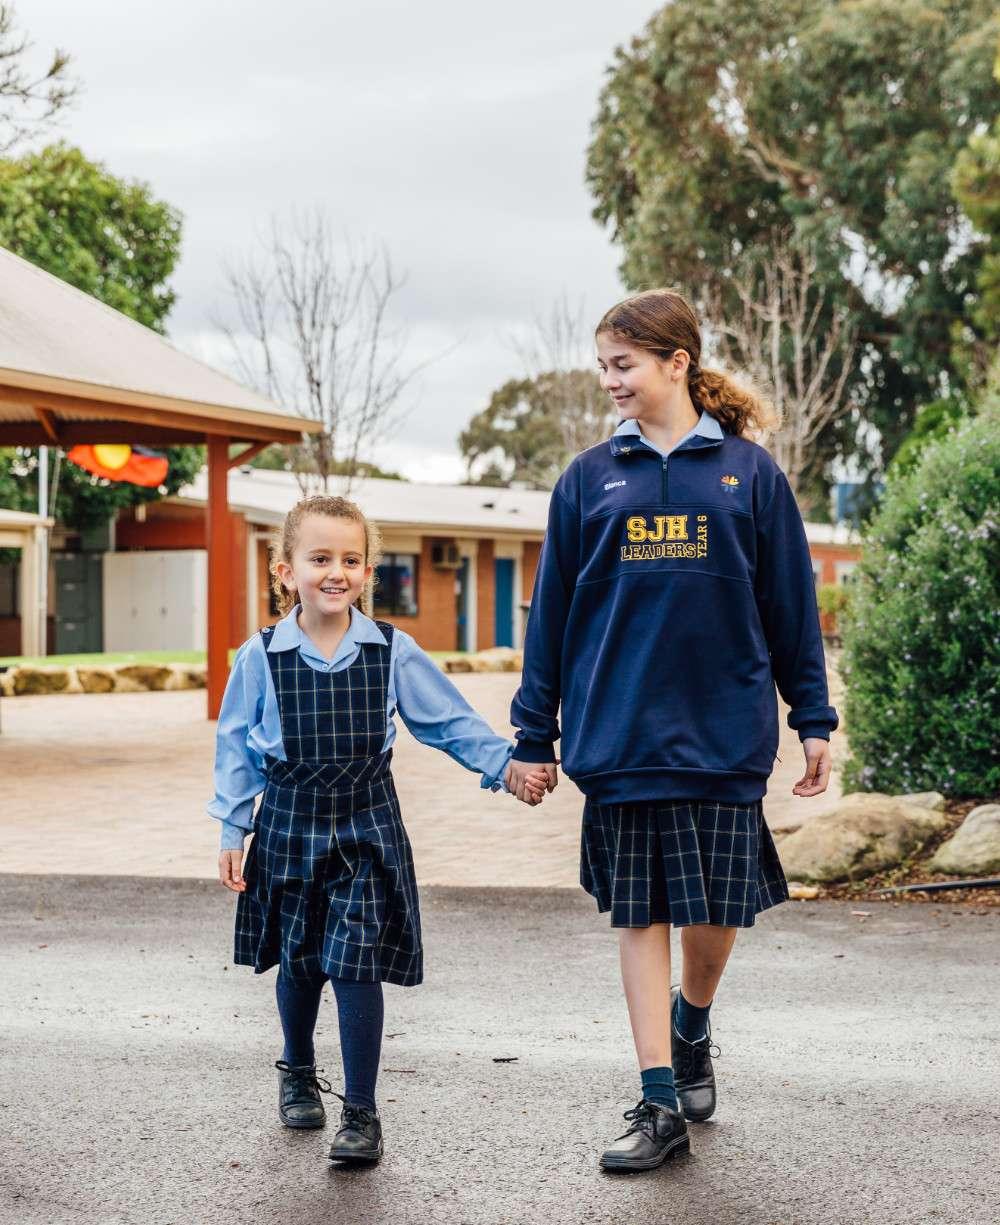 St Joseph Hectorville two girls holding hands